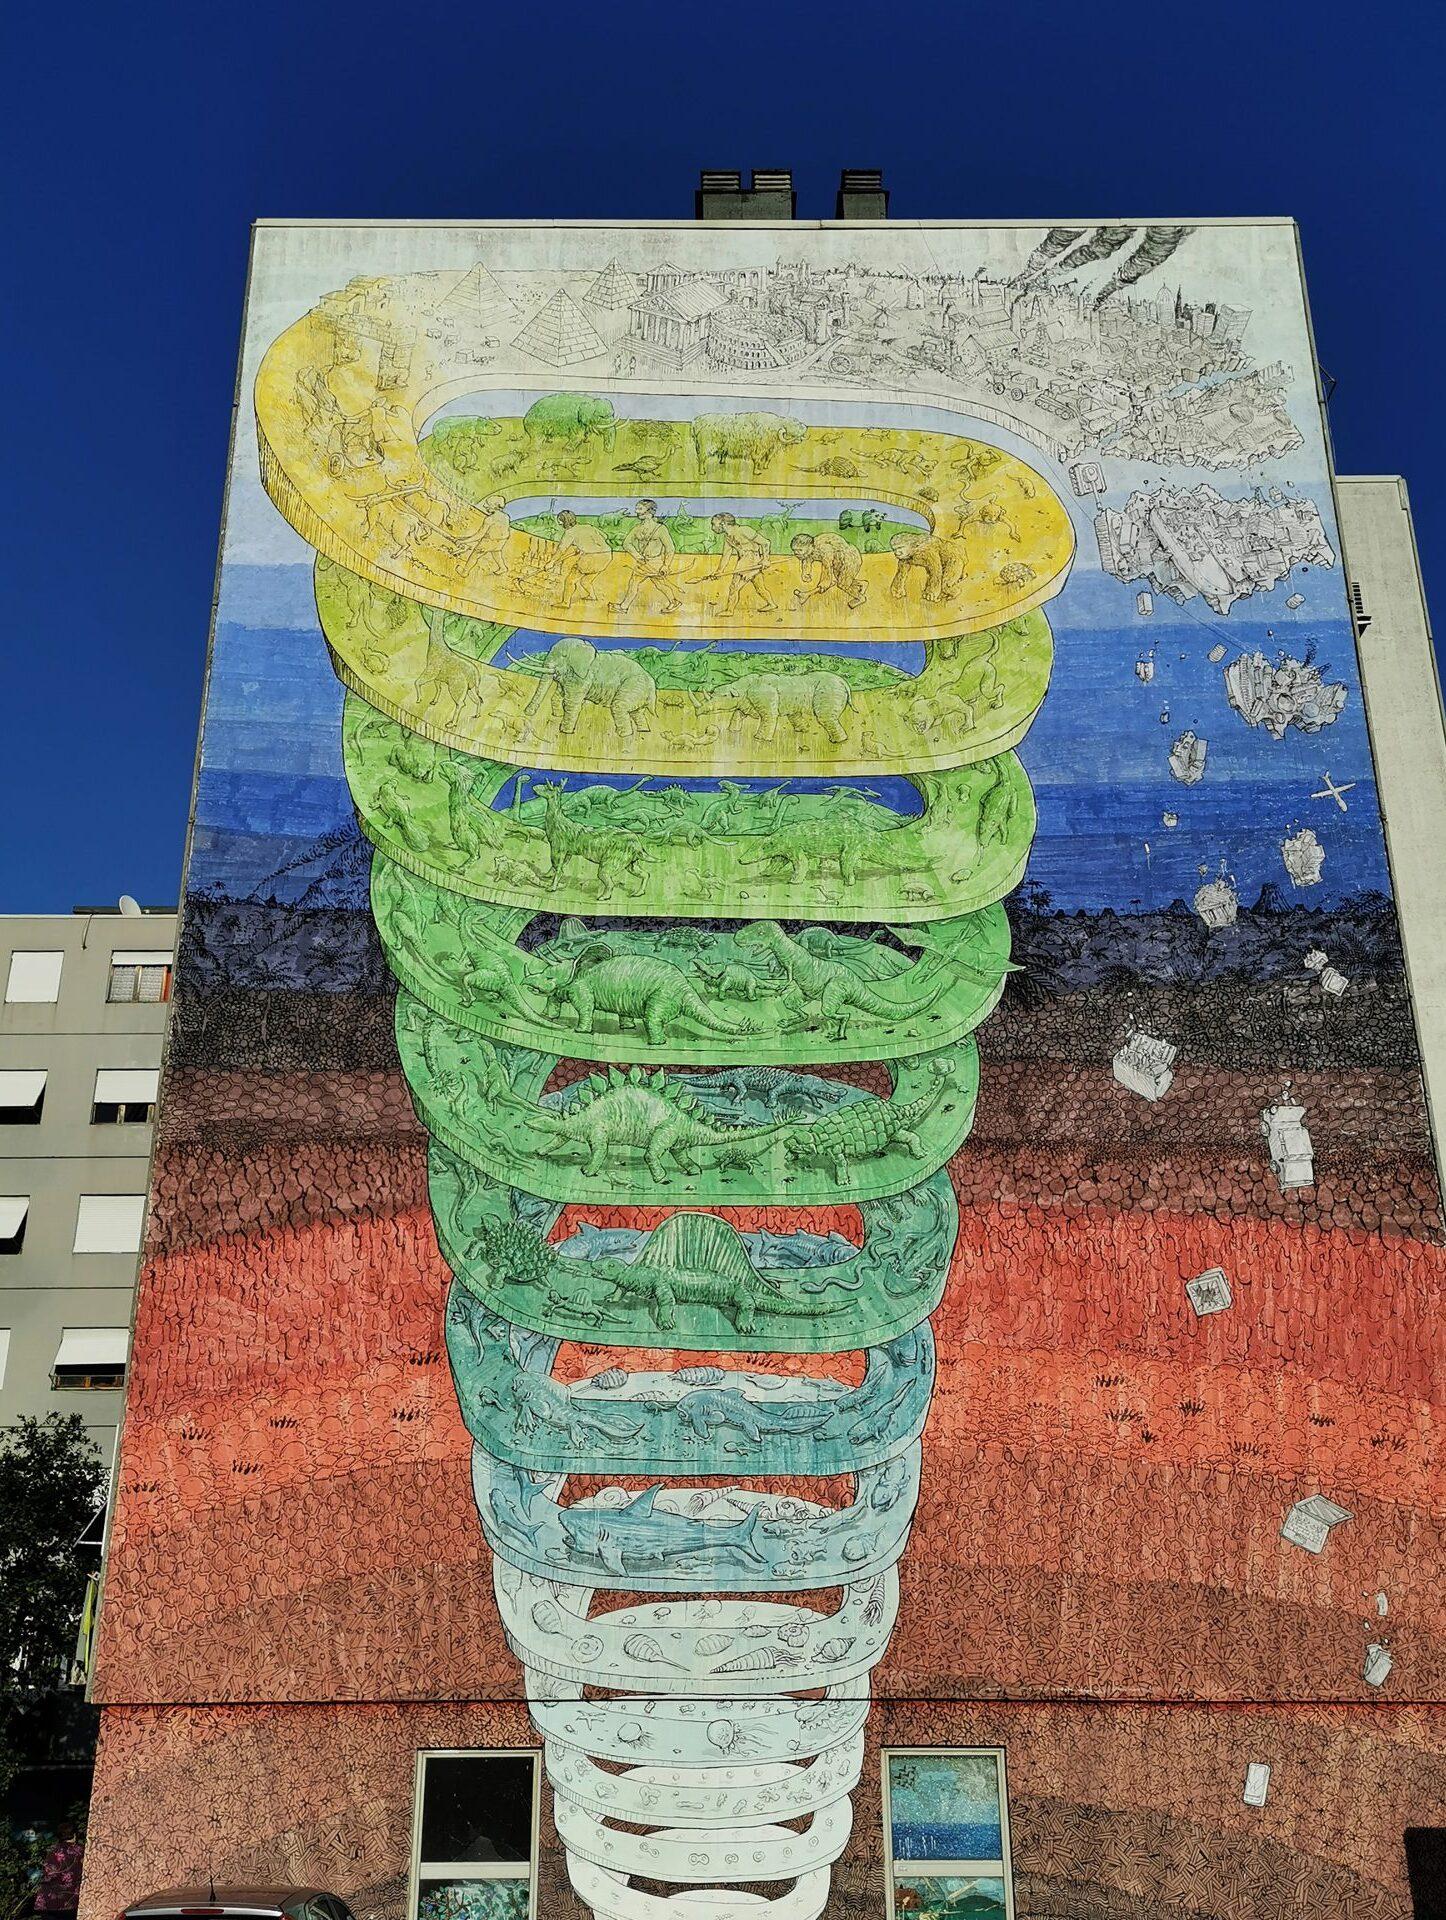 blu spirale della storia della terra Rebibbia